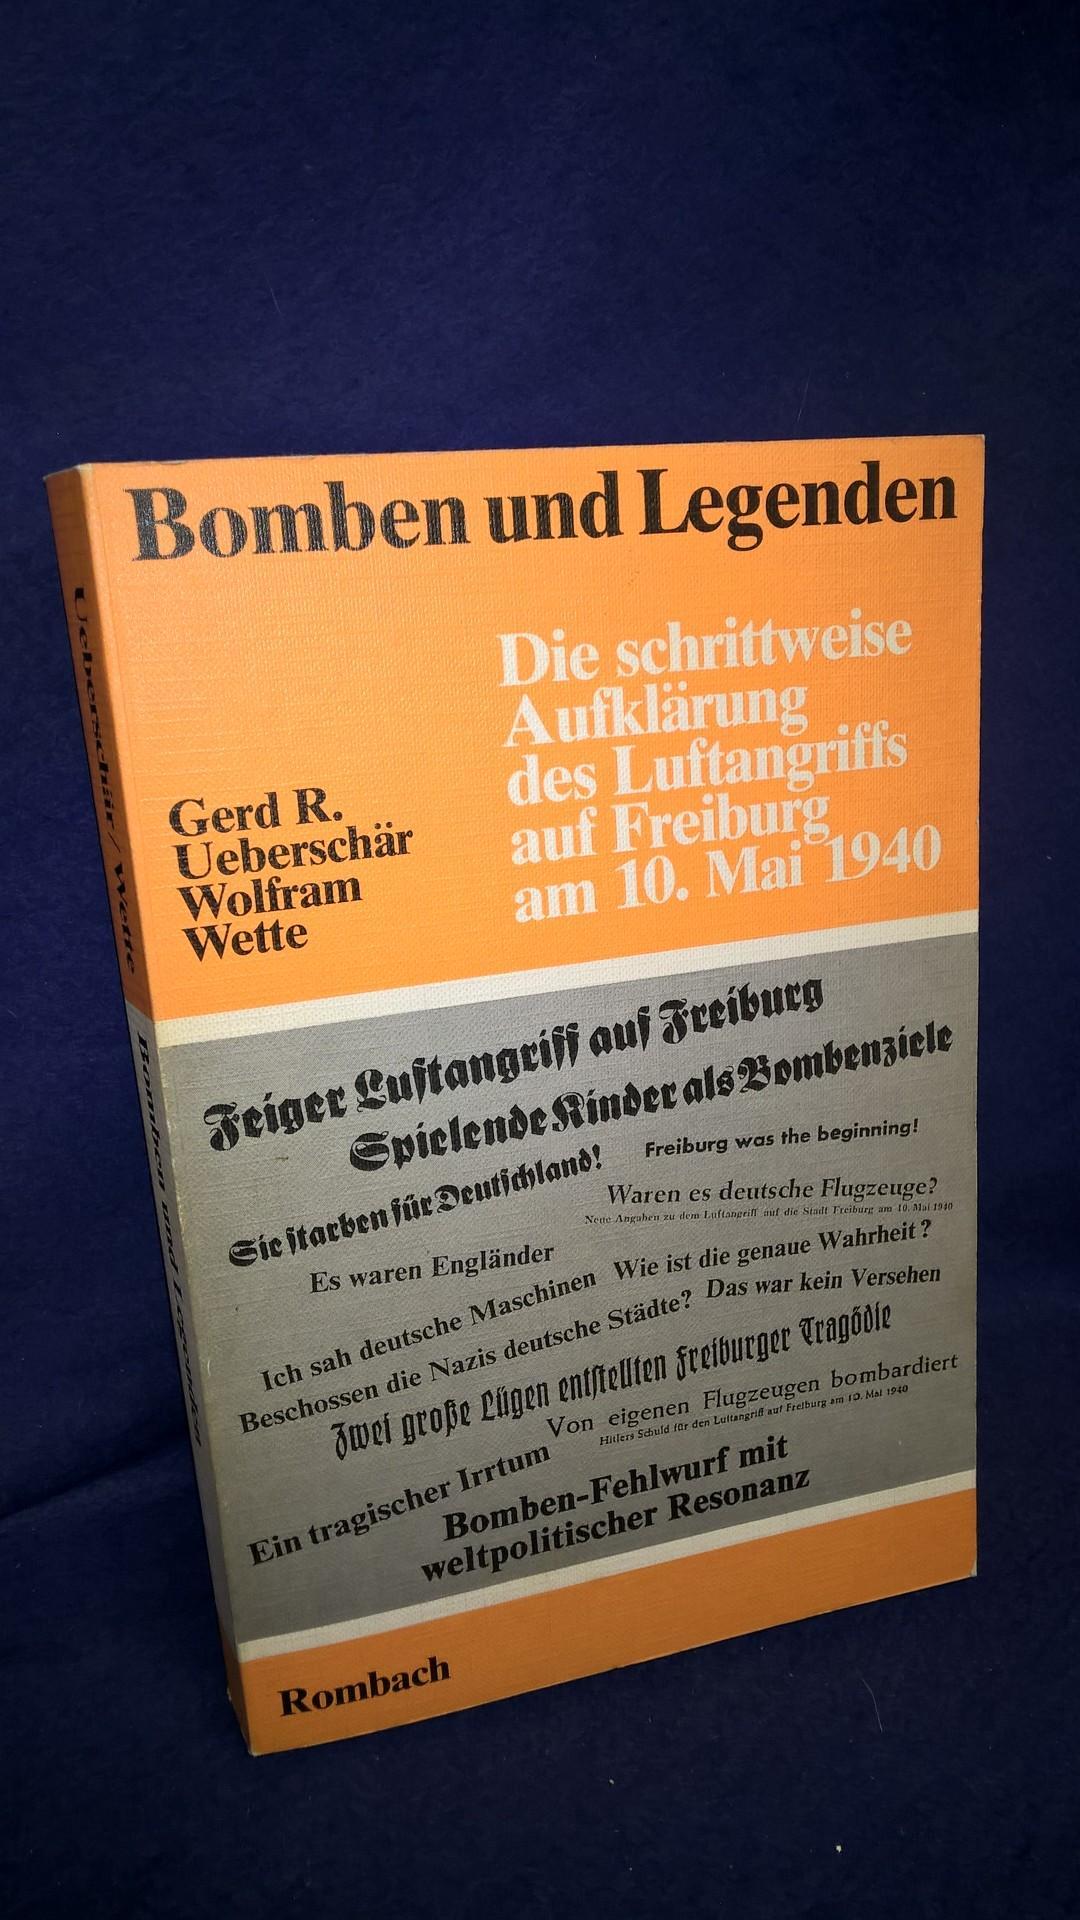 Bomben und Legenden. Die schrittweise Aufklärung des Luftangriffs auf Freiburg am 10. Mai 1940.